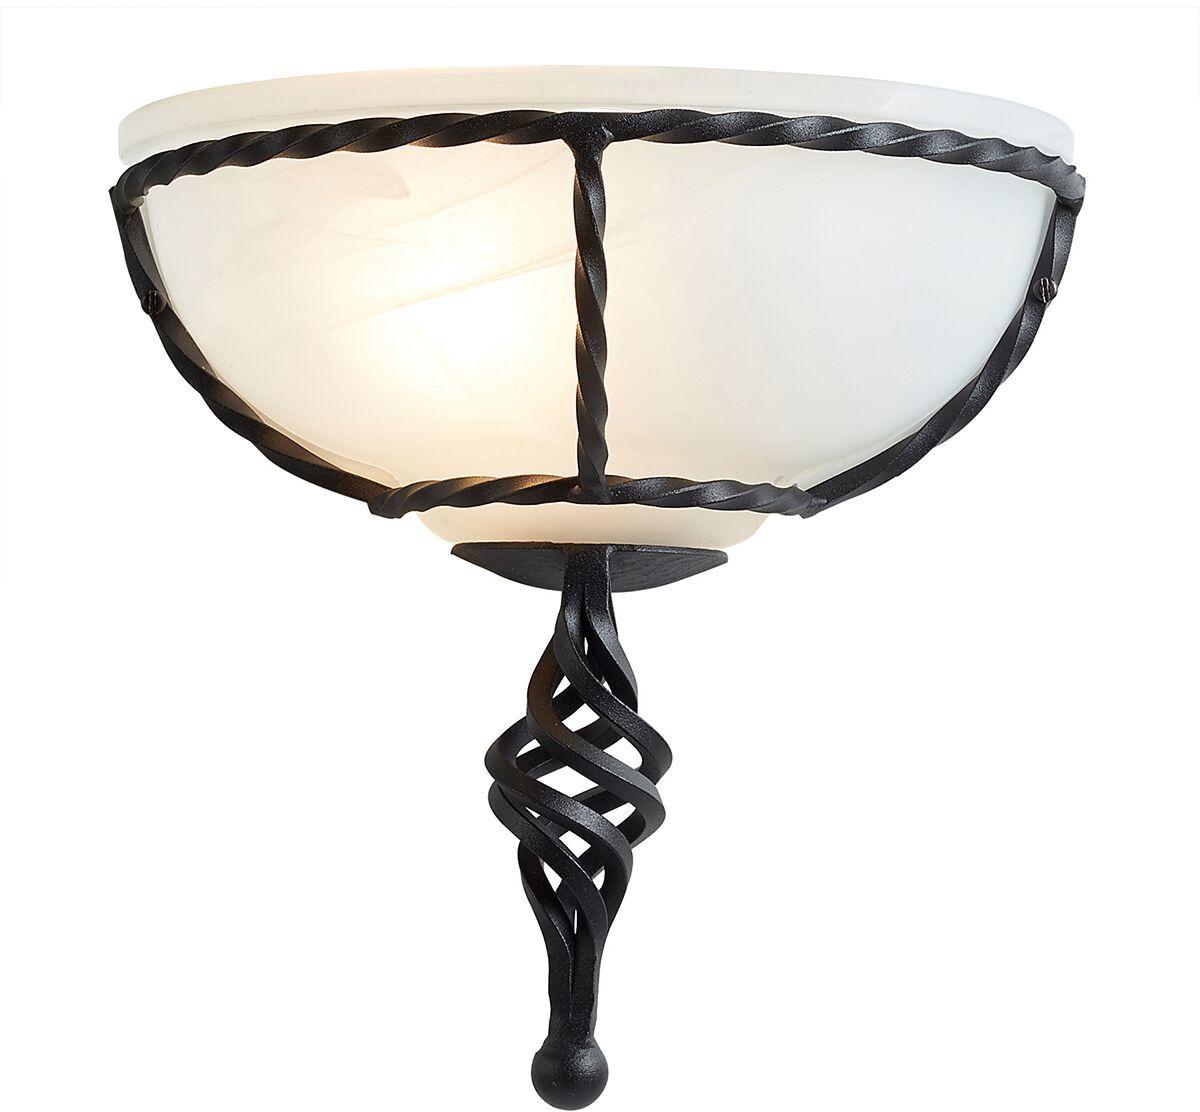 Kinkiet Pembroke PB/WU BLK Elstead Lighting czarna oprawa ścienna w klasycznym stylu